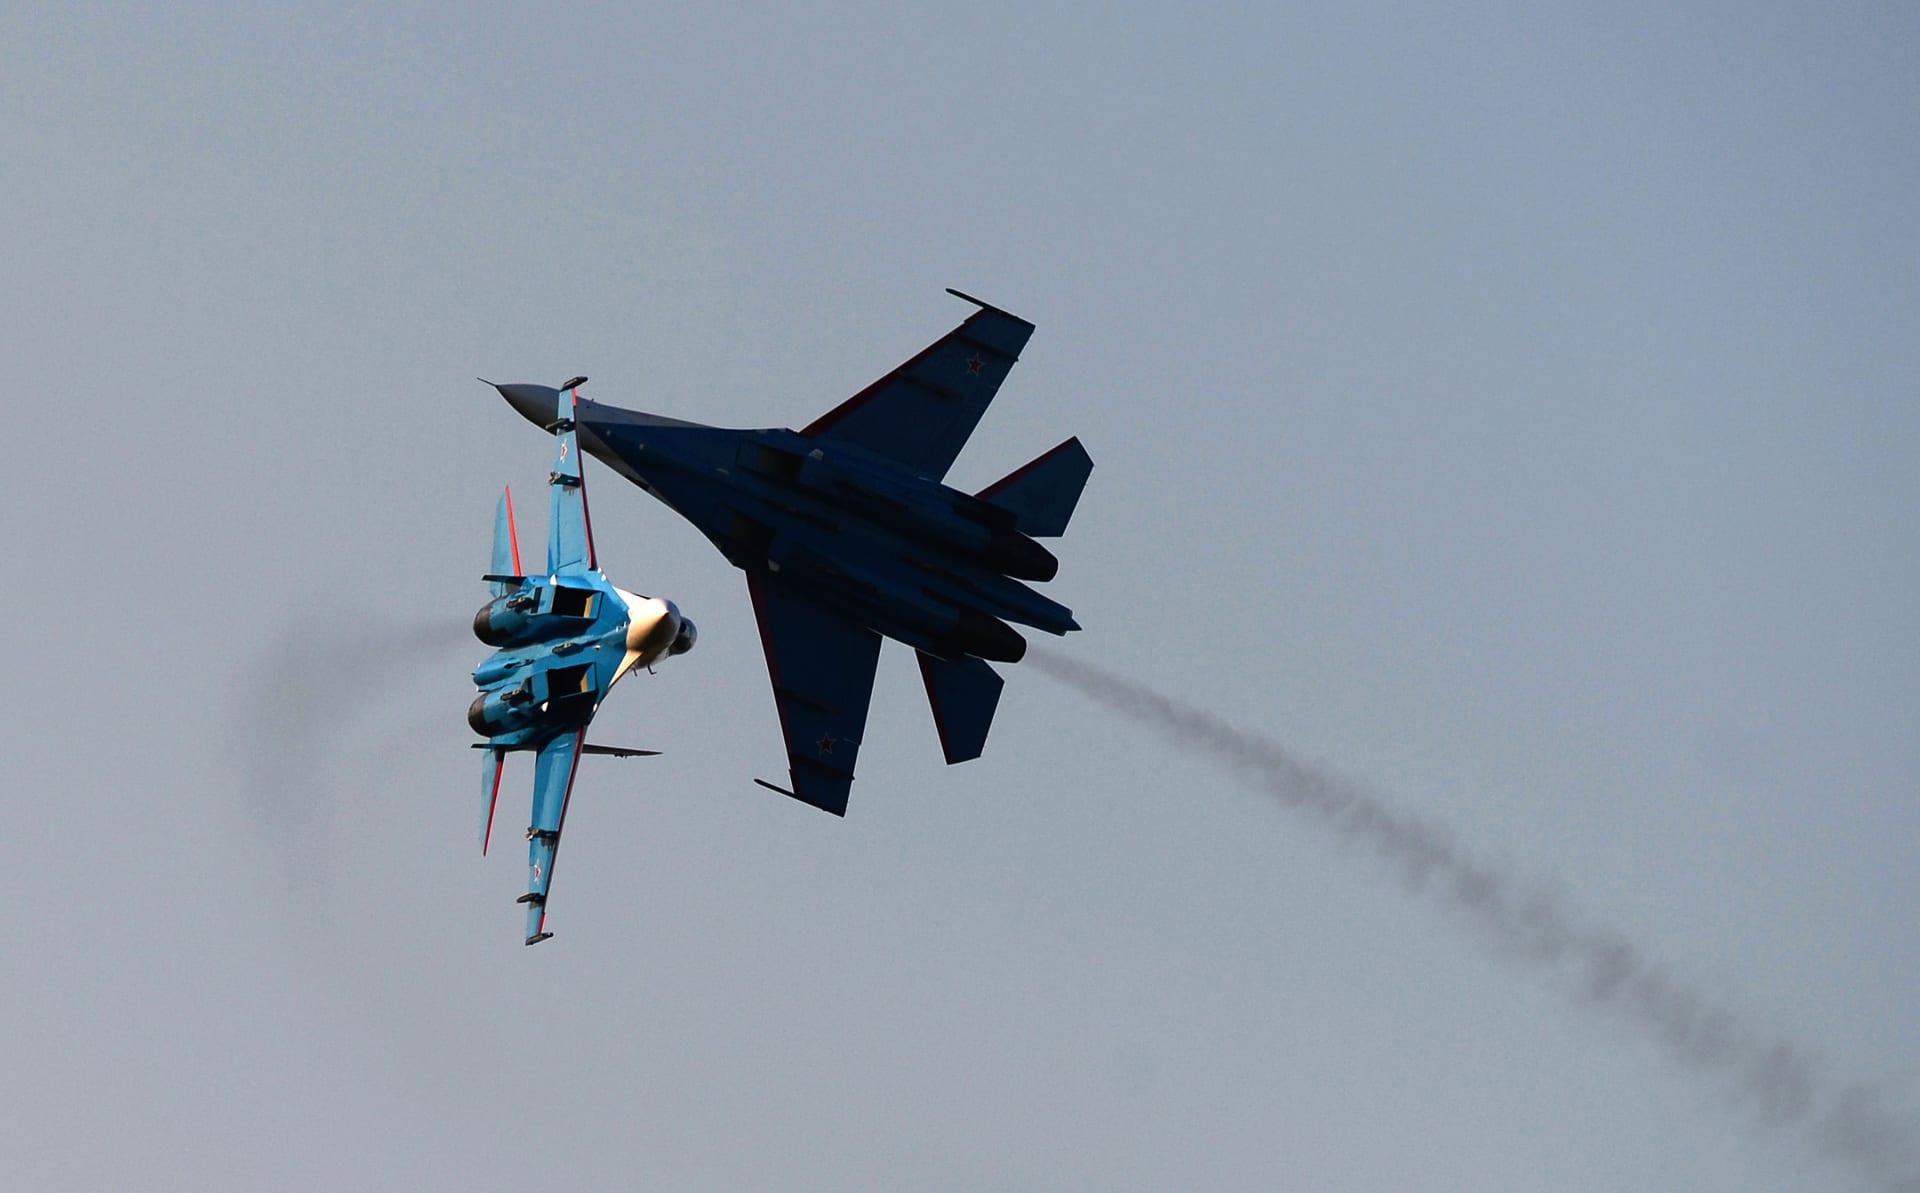 الناتو: مقاتلة روسية اخترقت المجال الجوي للحلف.. وموسكو تُعلق